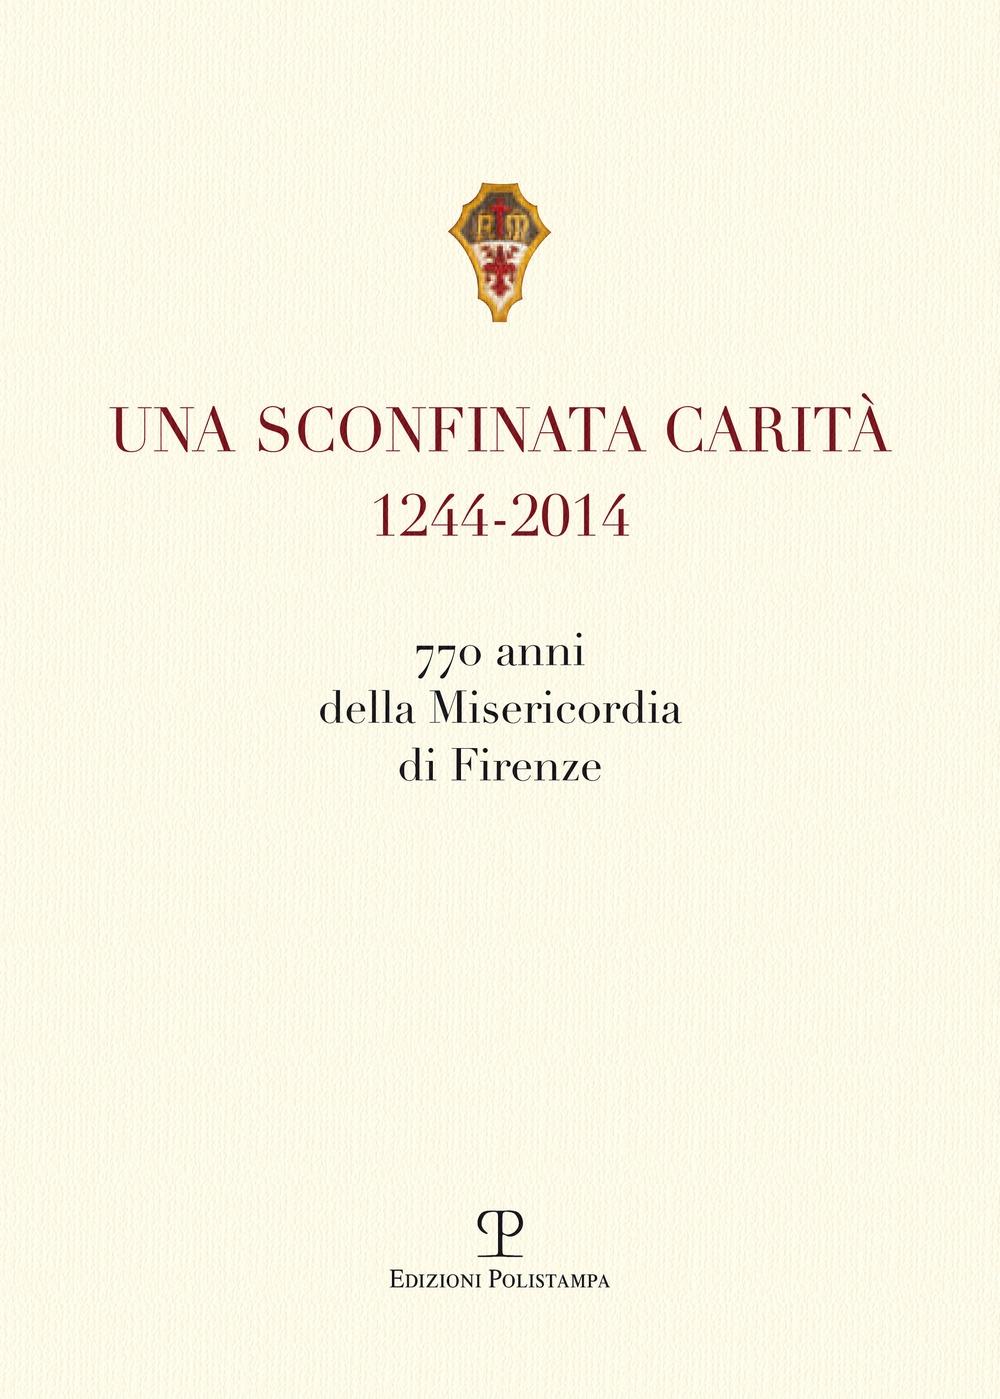 Una sconfinata carità (1244-2014) 770 anni della Misericordia di Firenze. Con la riedzione delle